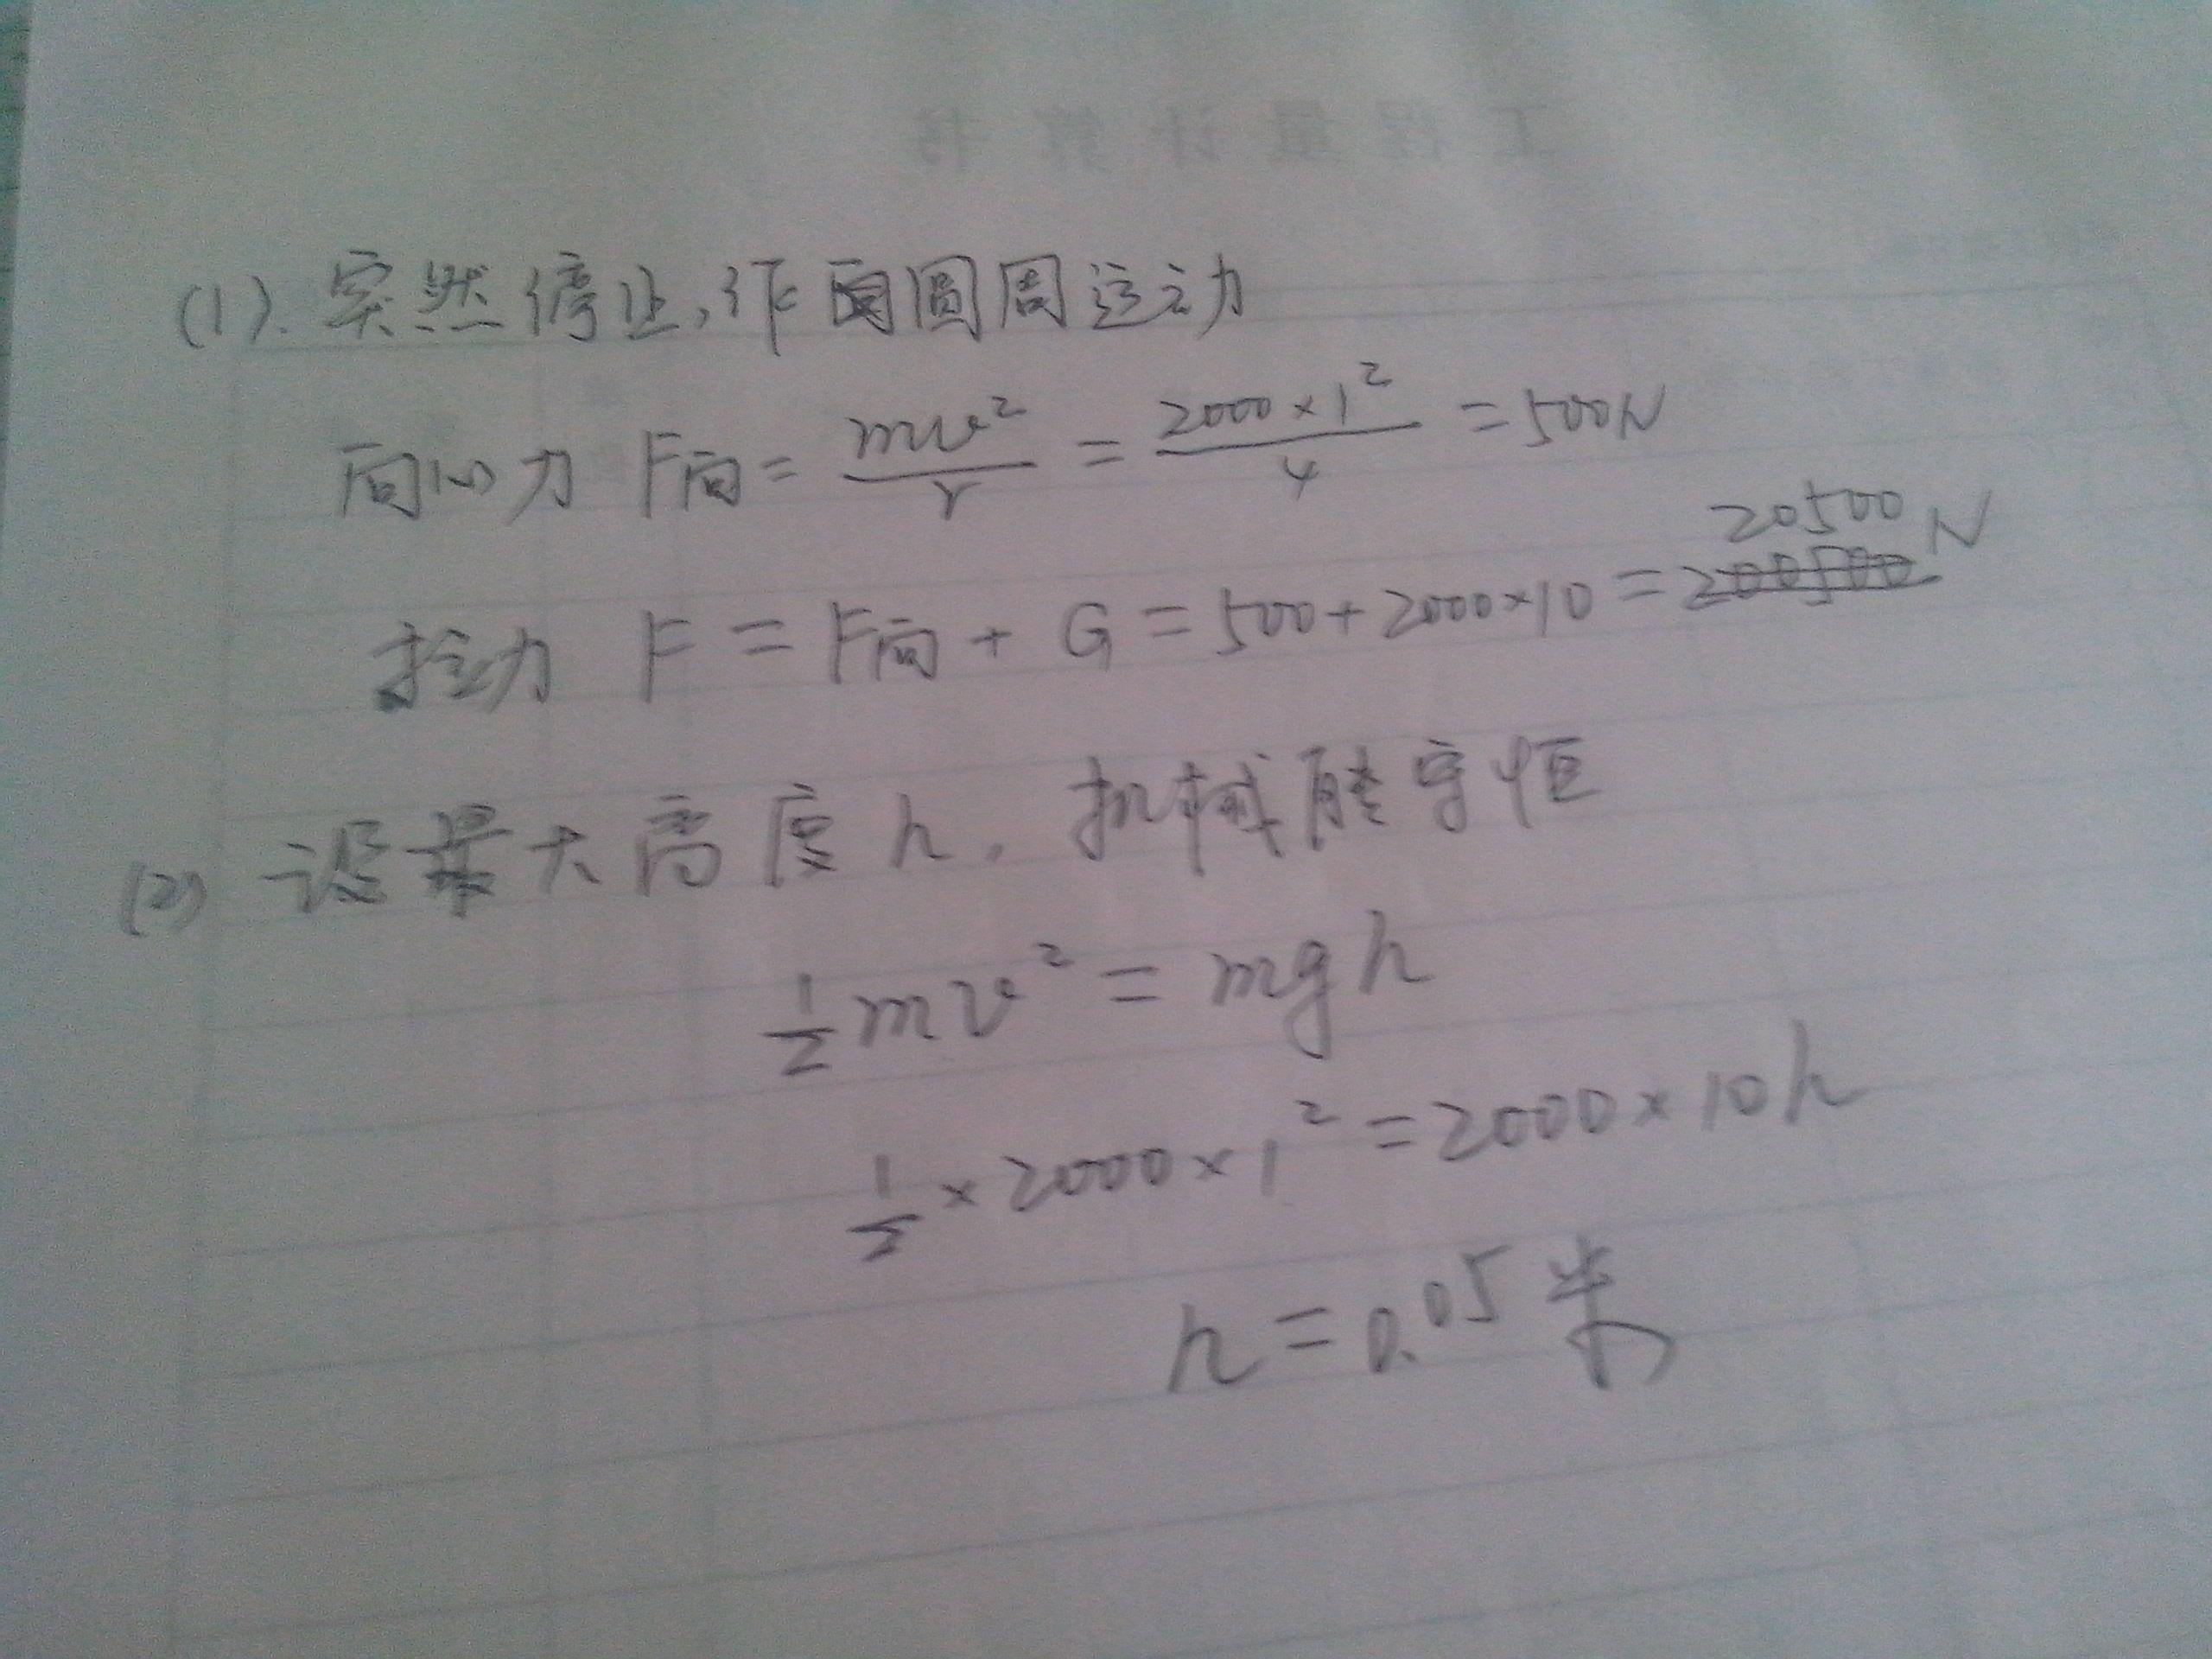 学复题_高中物理 题